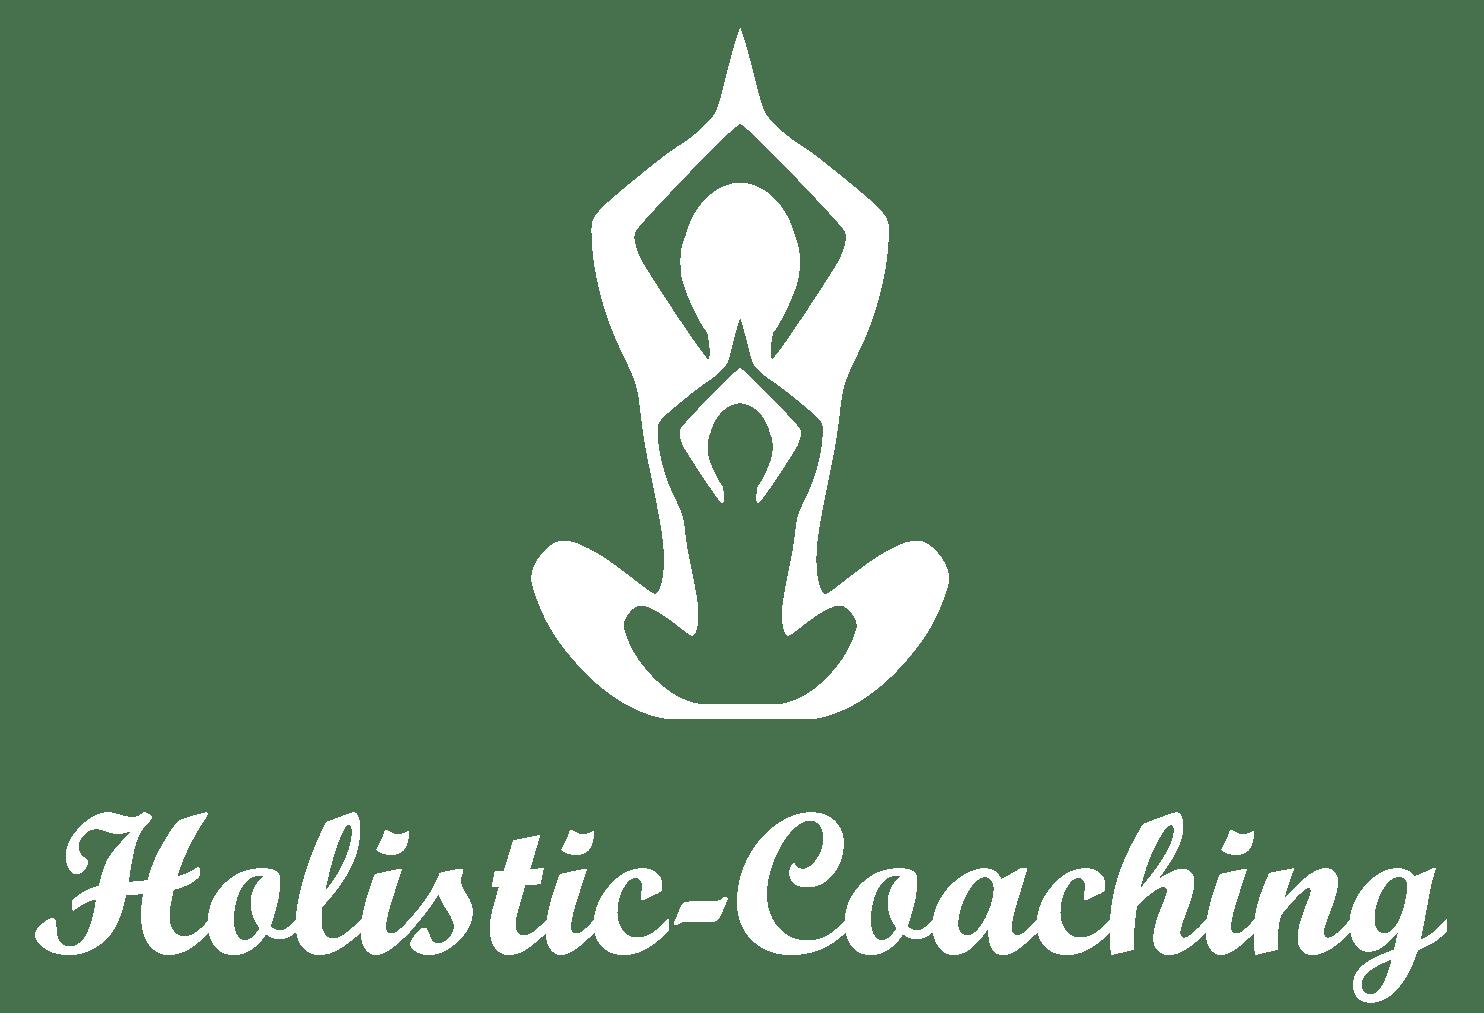 Coach sportif domicile toulouse vincent bonis holistic coaching remise en forme